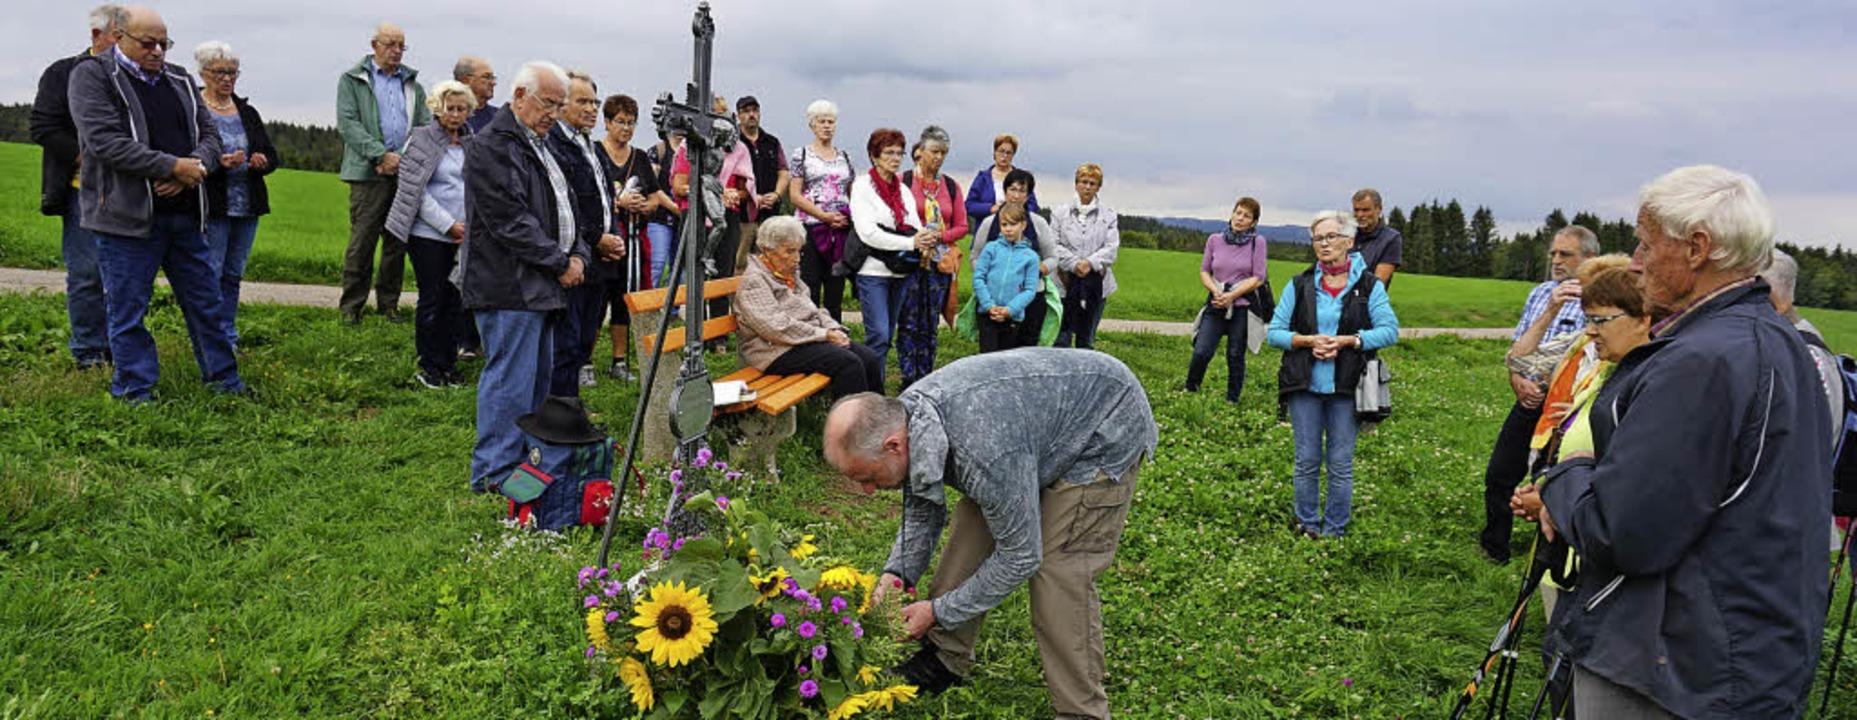 Pfarrer Bernhard Stahlberger segnete d...ng Hogschür und zündete eine Kerze an.  | Foto: Hans-Jürgen Sackmann